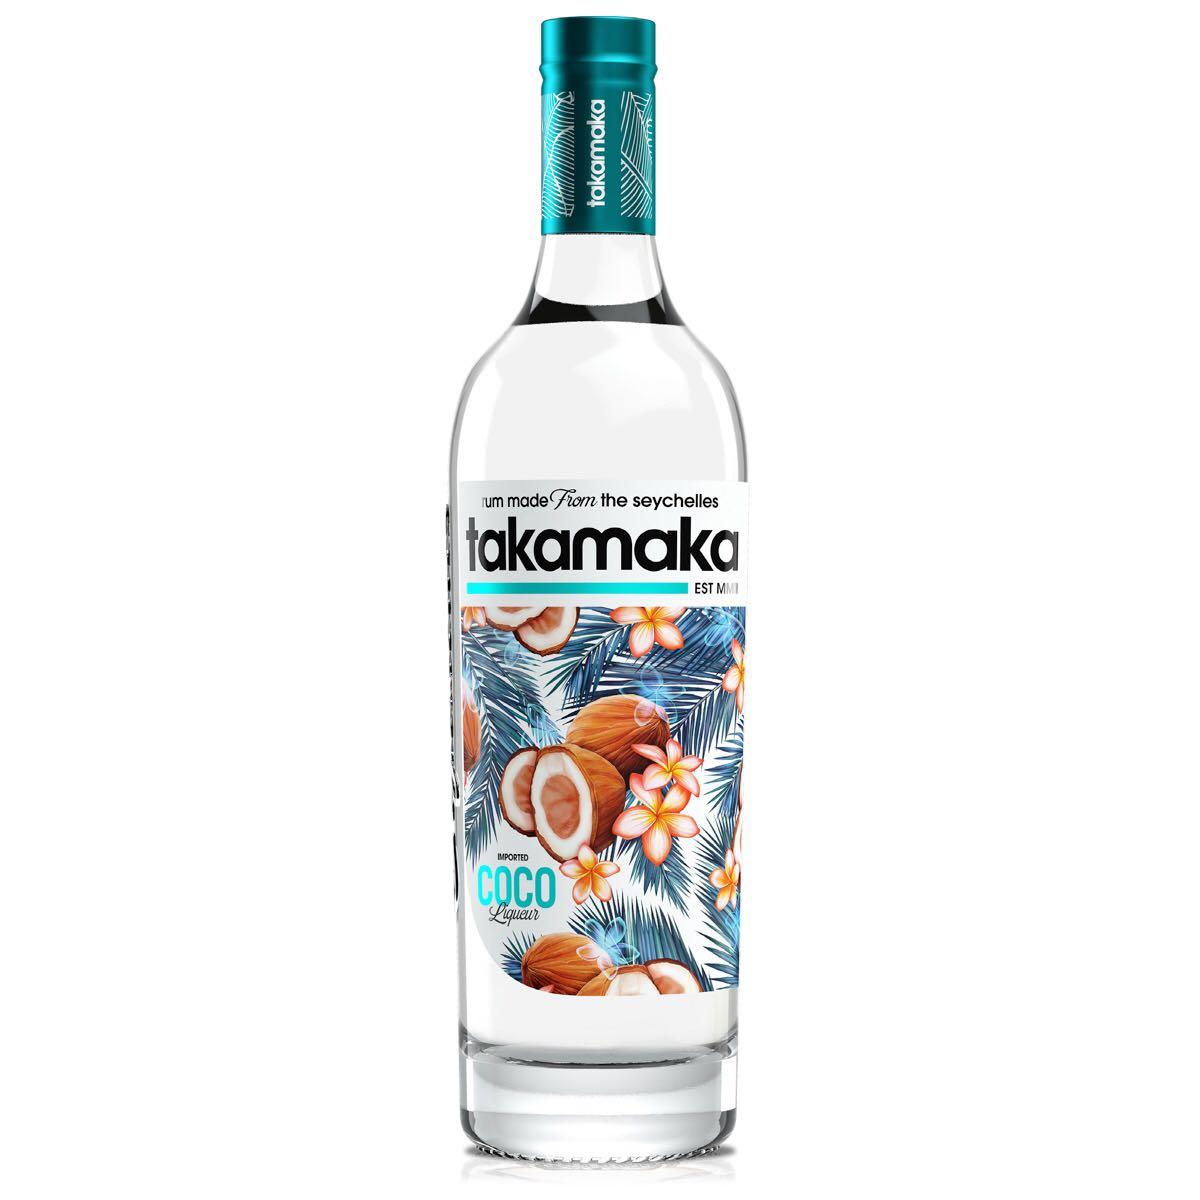 Bottle image of Takamaka Coco Rum